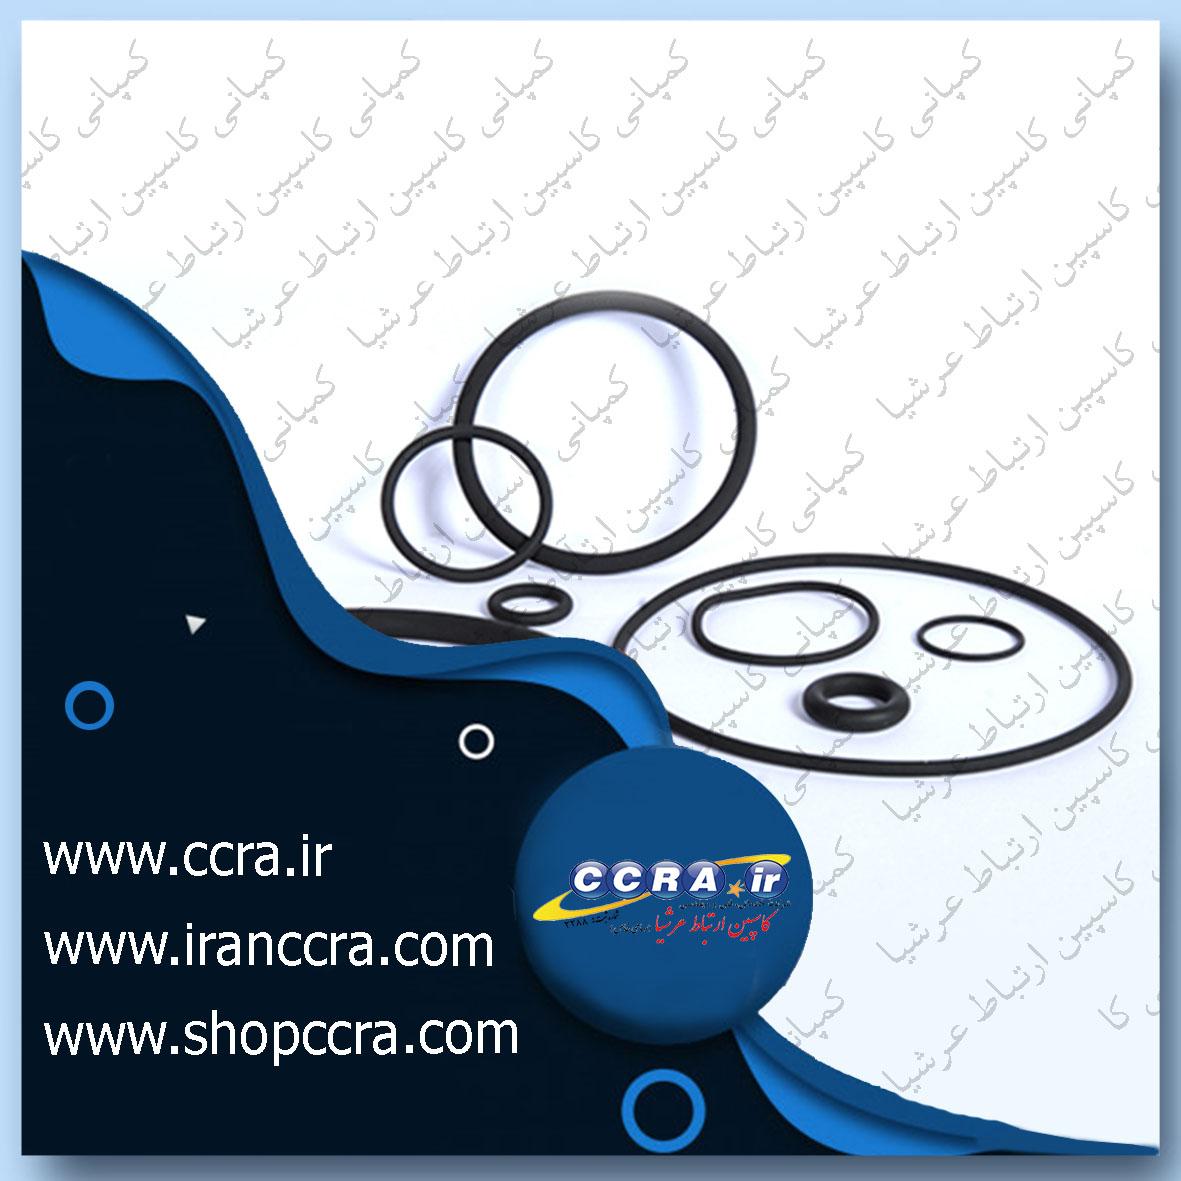 اورینگ در چه قطعاتی از دستگاه های تصفیه آب خانگی آکوا لایف به کار برده می شود؟